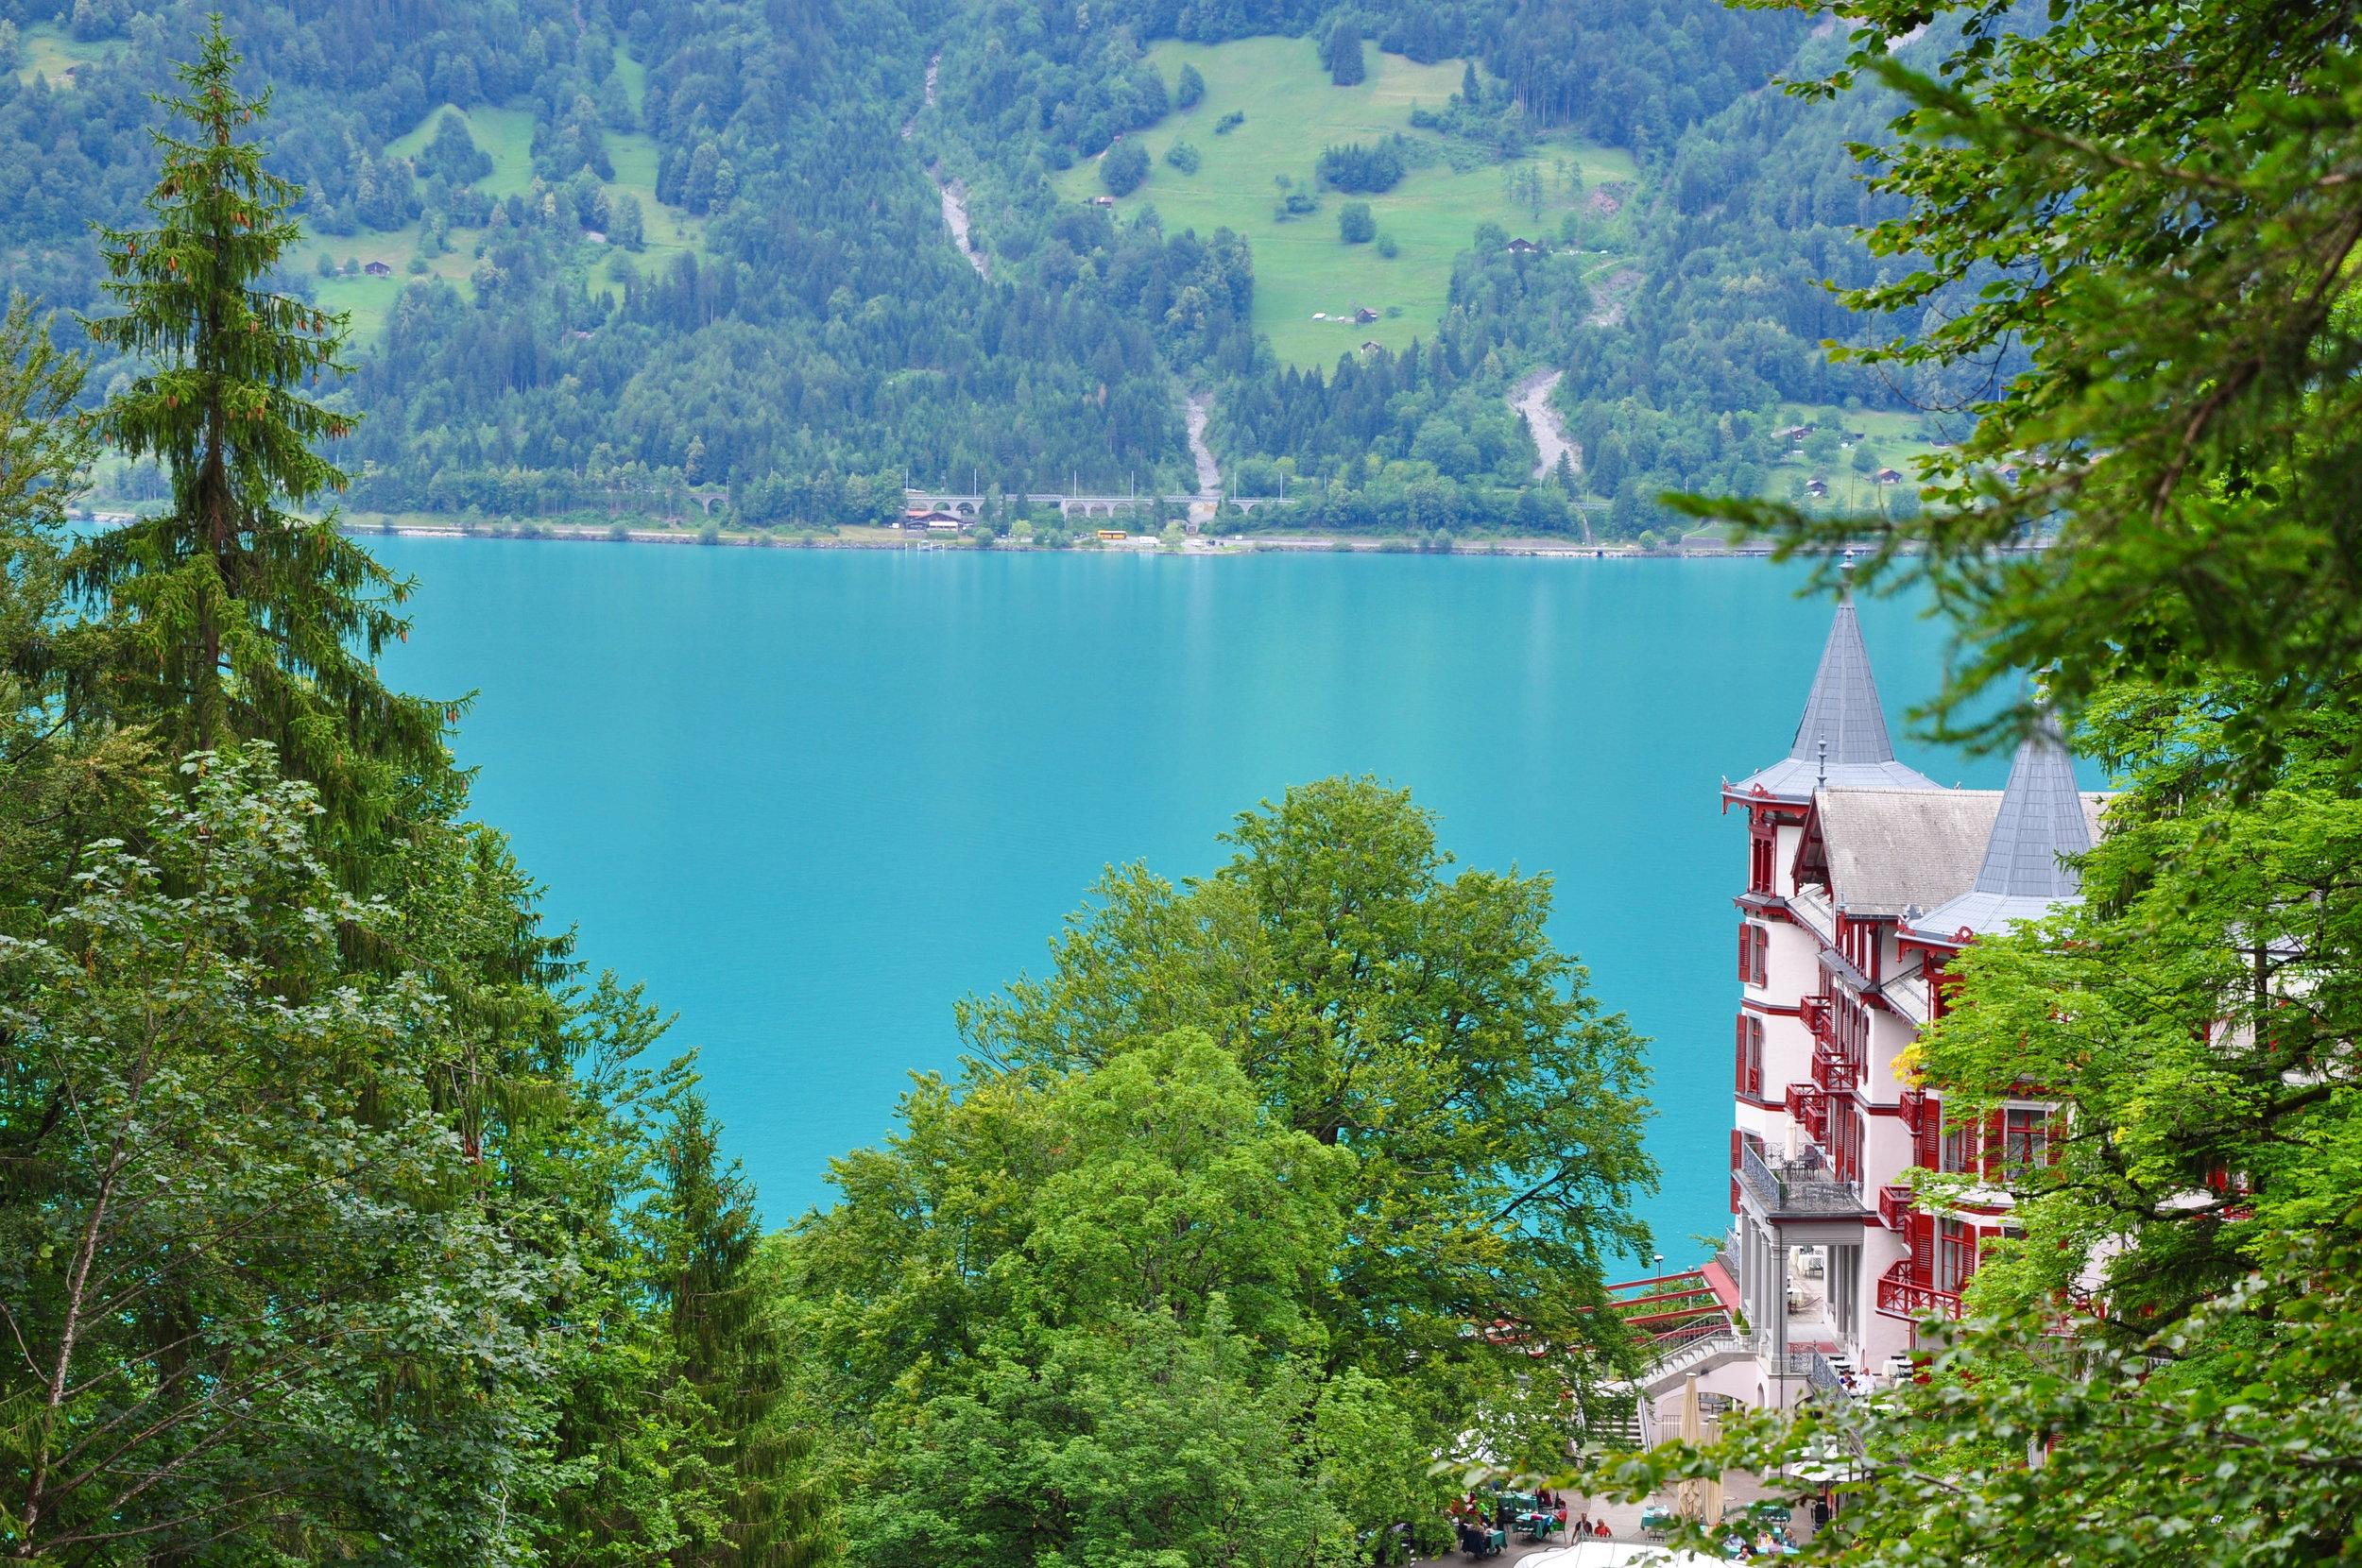 Giessbach Falls on Lake Brienz near Interlaken, Switzerland